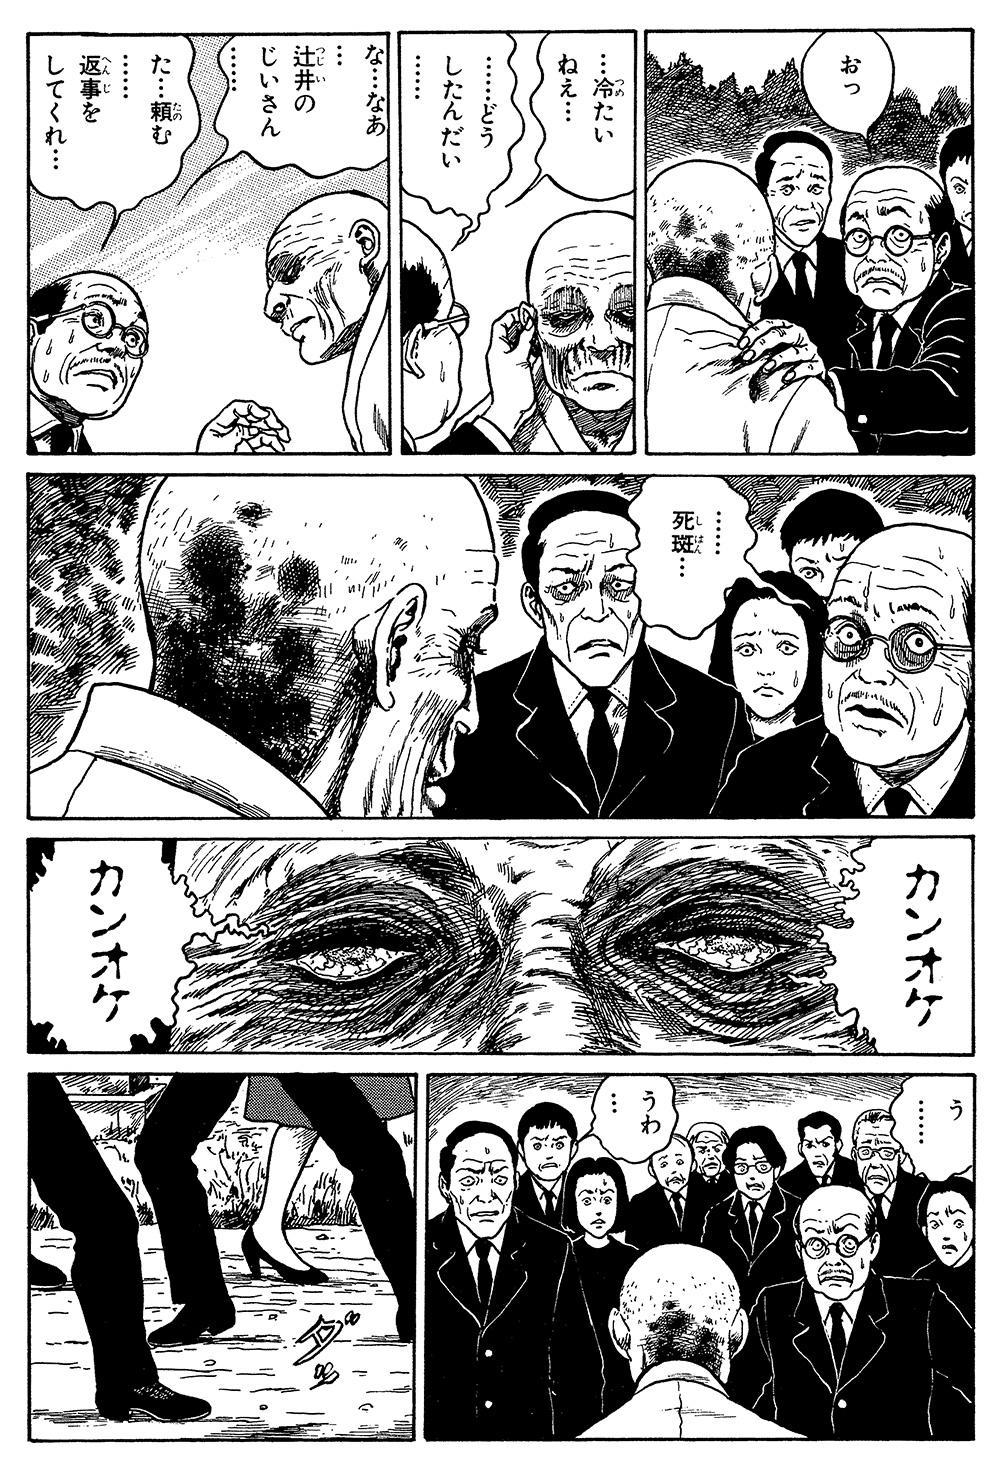 伊藤潤二傑作集「棺桶」①kanoke02-16.jpg